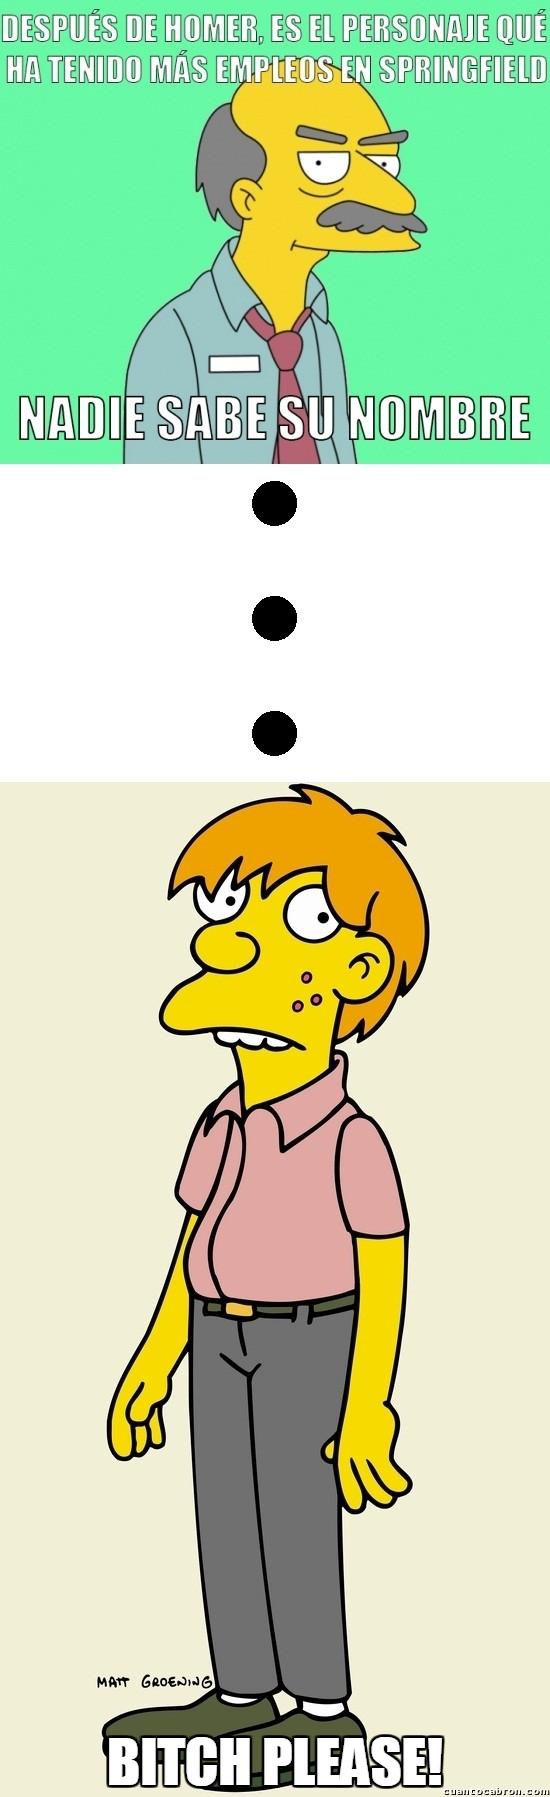 Meme_otros - Pues creo que no es el único en Springfield